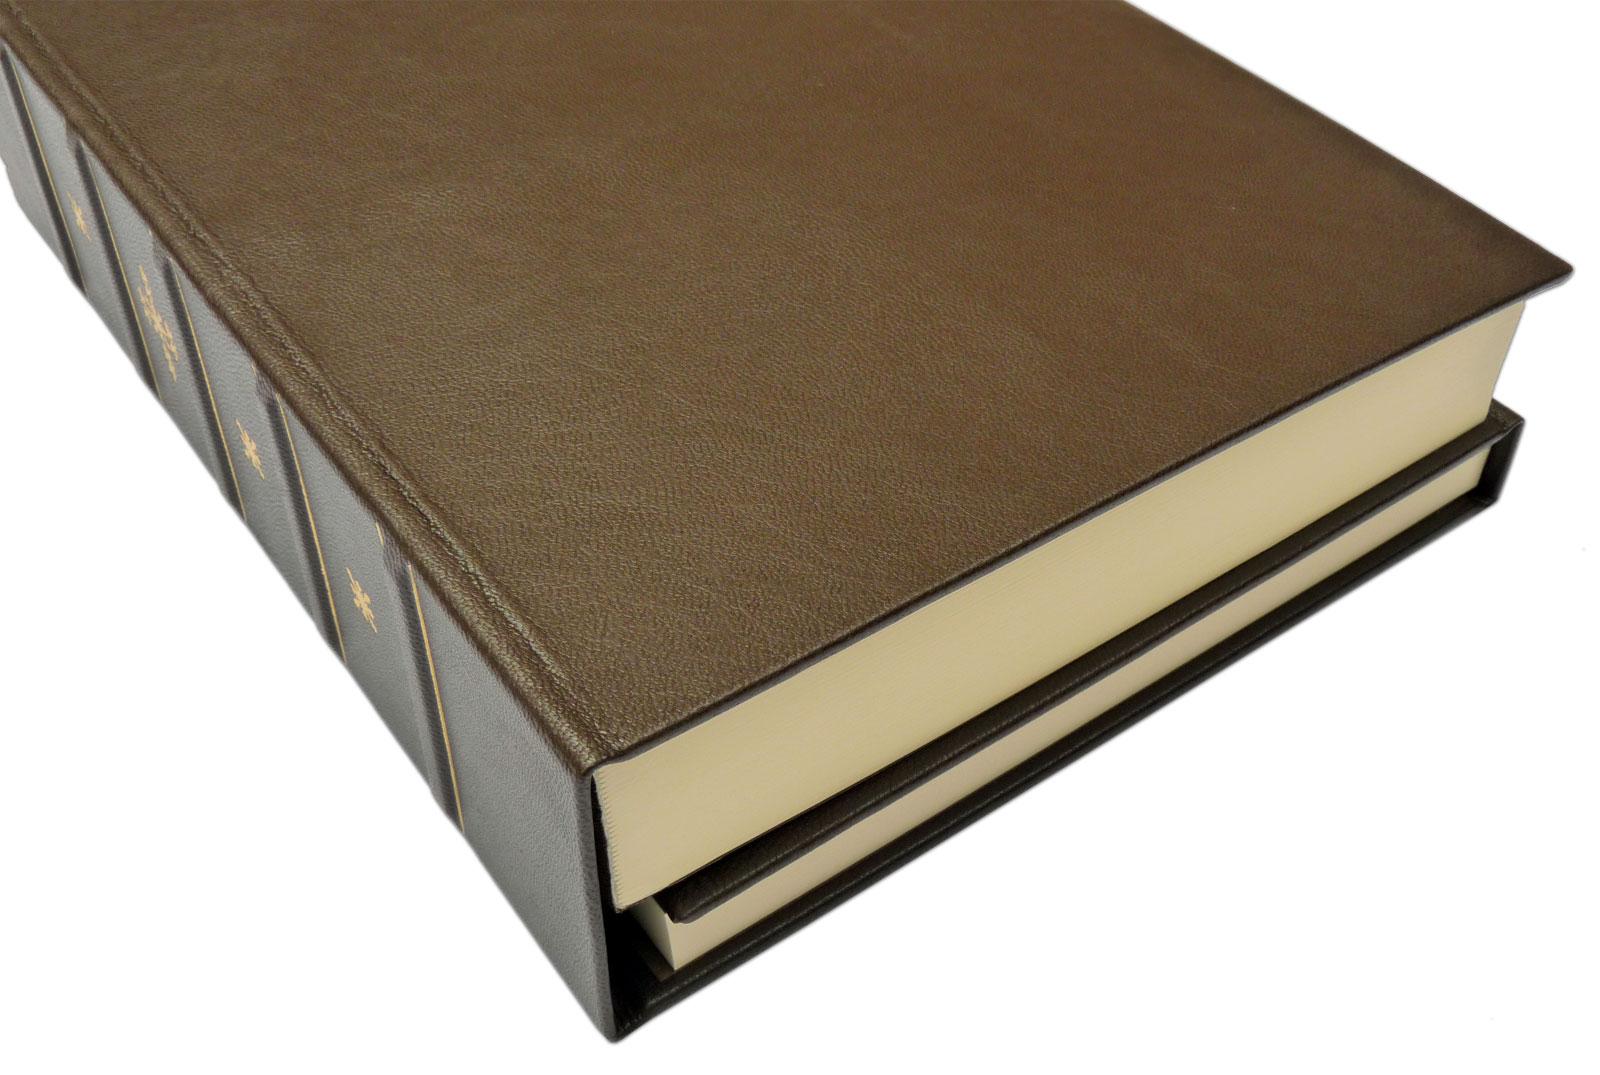 Zwillingsbuch in Leder